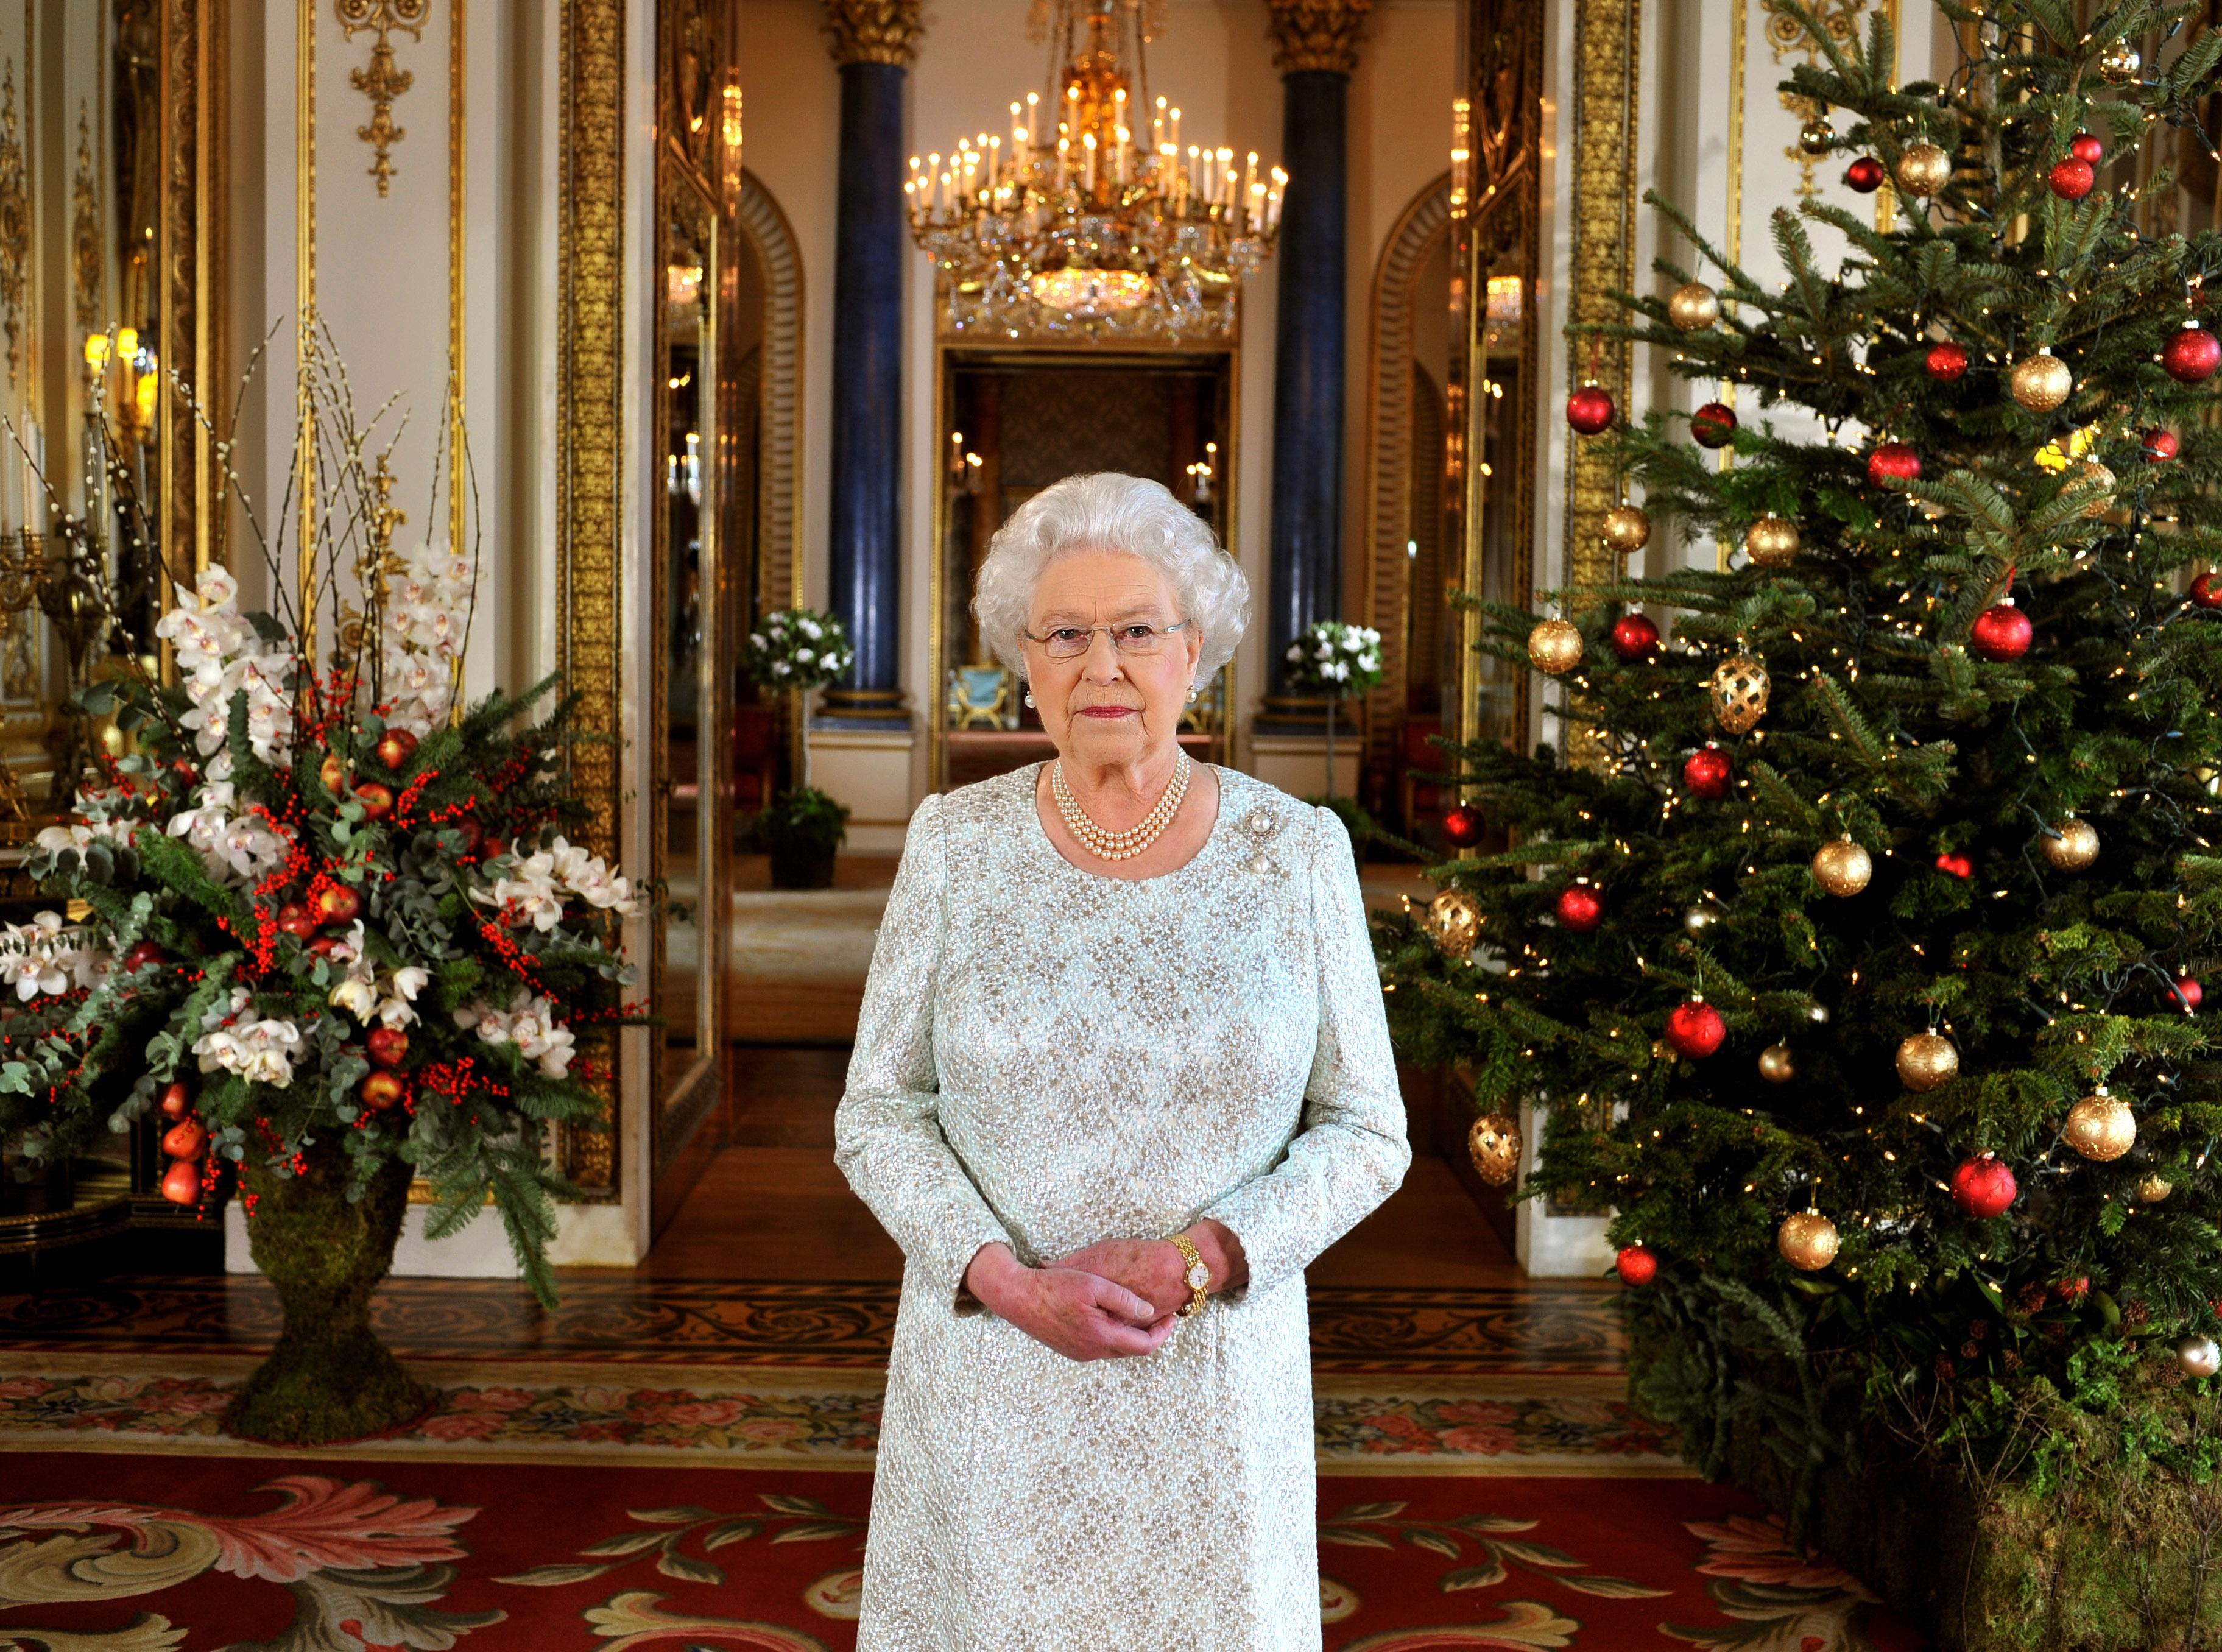 <p><strong>4. Кралицата дарява на служителите си 1500 коледни пудинги всяка година</strong></p>  <p>Кралицата и принц Филип даряват на своите служители 1500 коледни пудинги, се посочва на уебсайта на кралското семейство. Луиз Кулинг казва, че празничните лакомства се осигуряват от лондонския магазин &bdquo;Fortnum and&nbsp; Mason&ldquo;. Можете да си купите същия пудинг от магазина за 52 долара.</p>